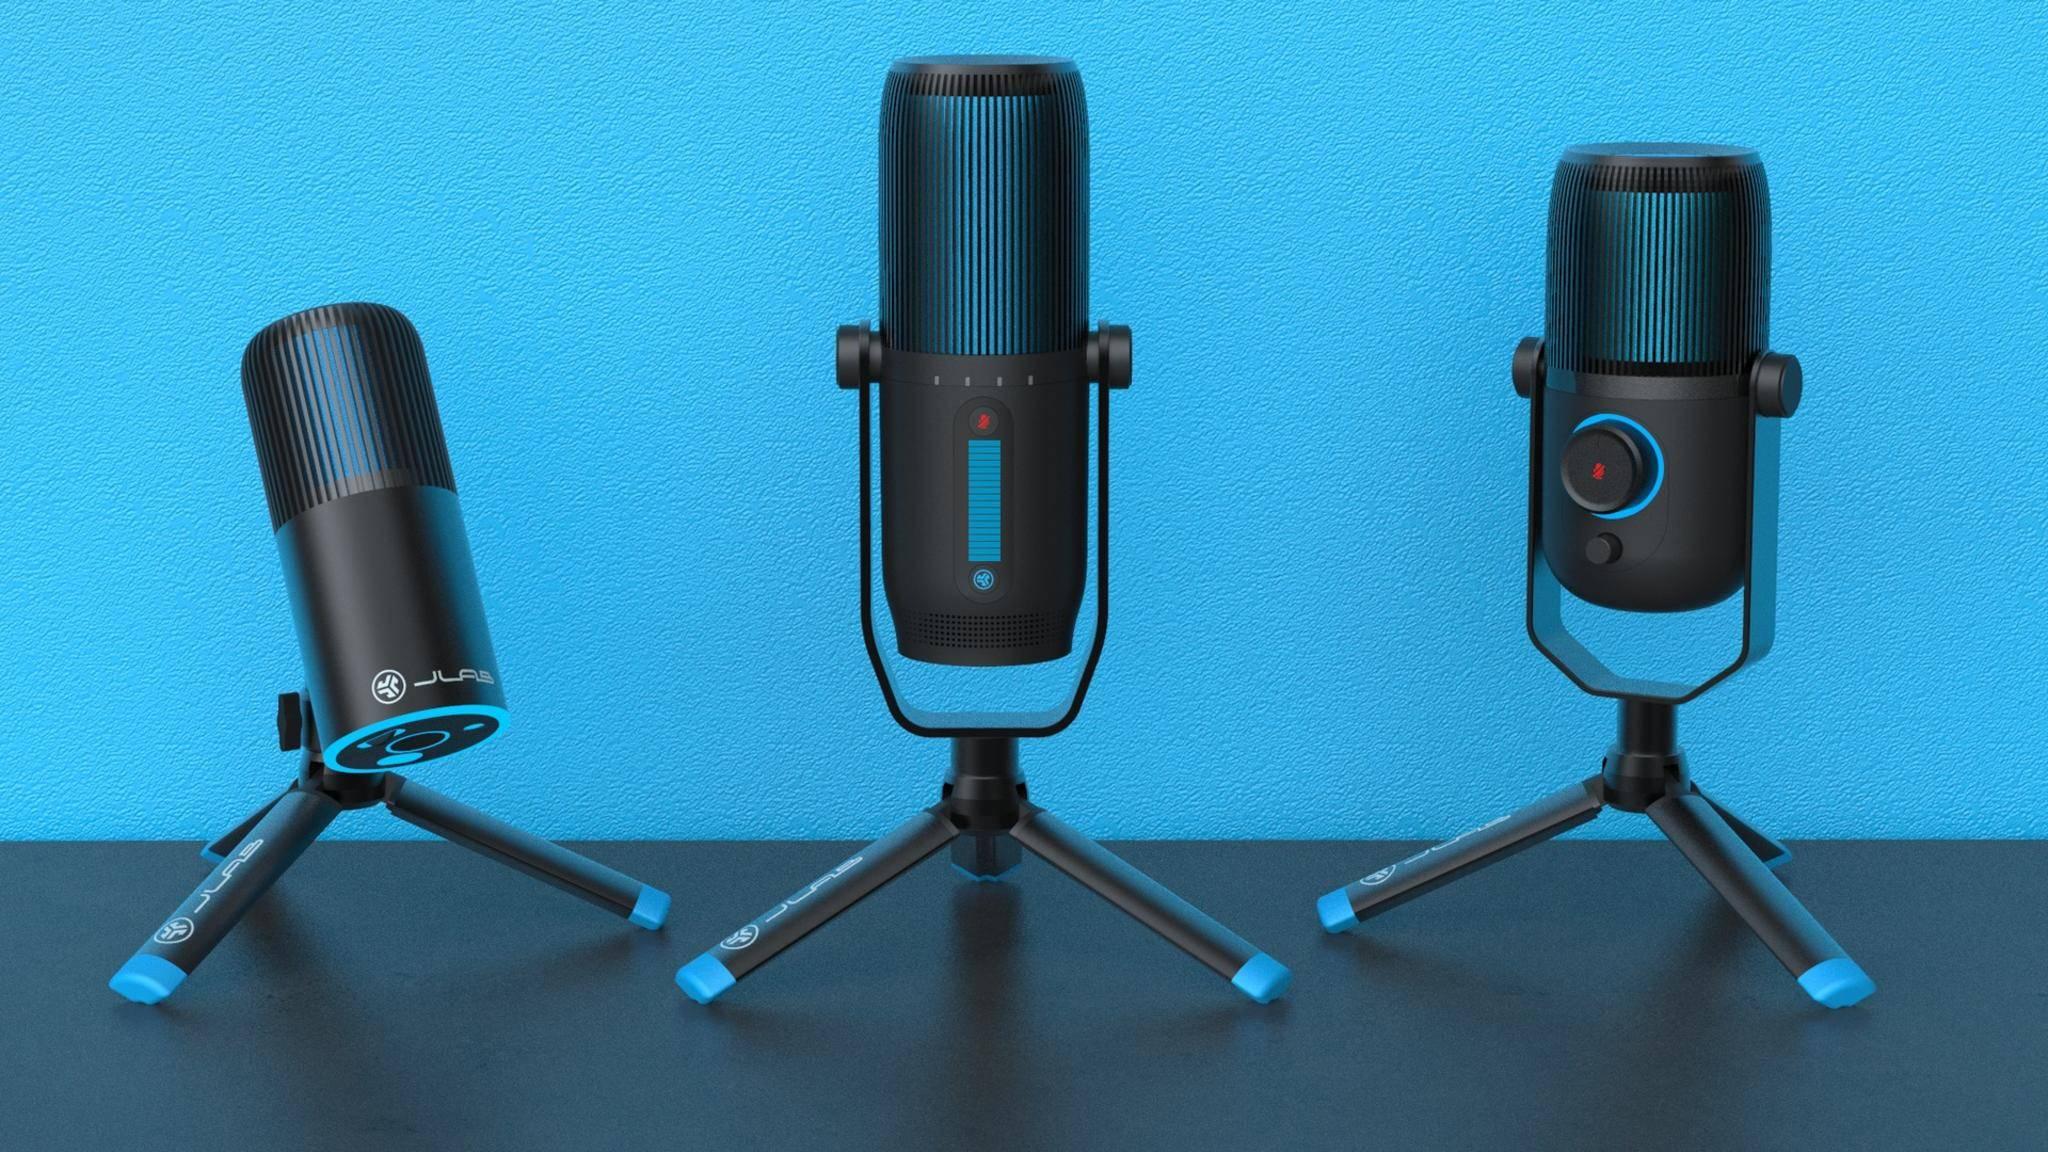 JLab-Talk-Serie-mikrofone